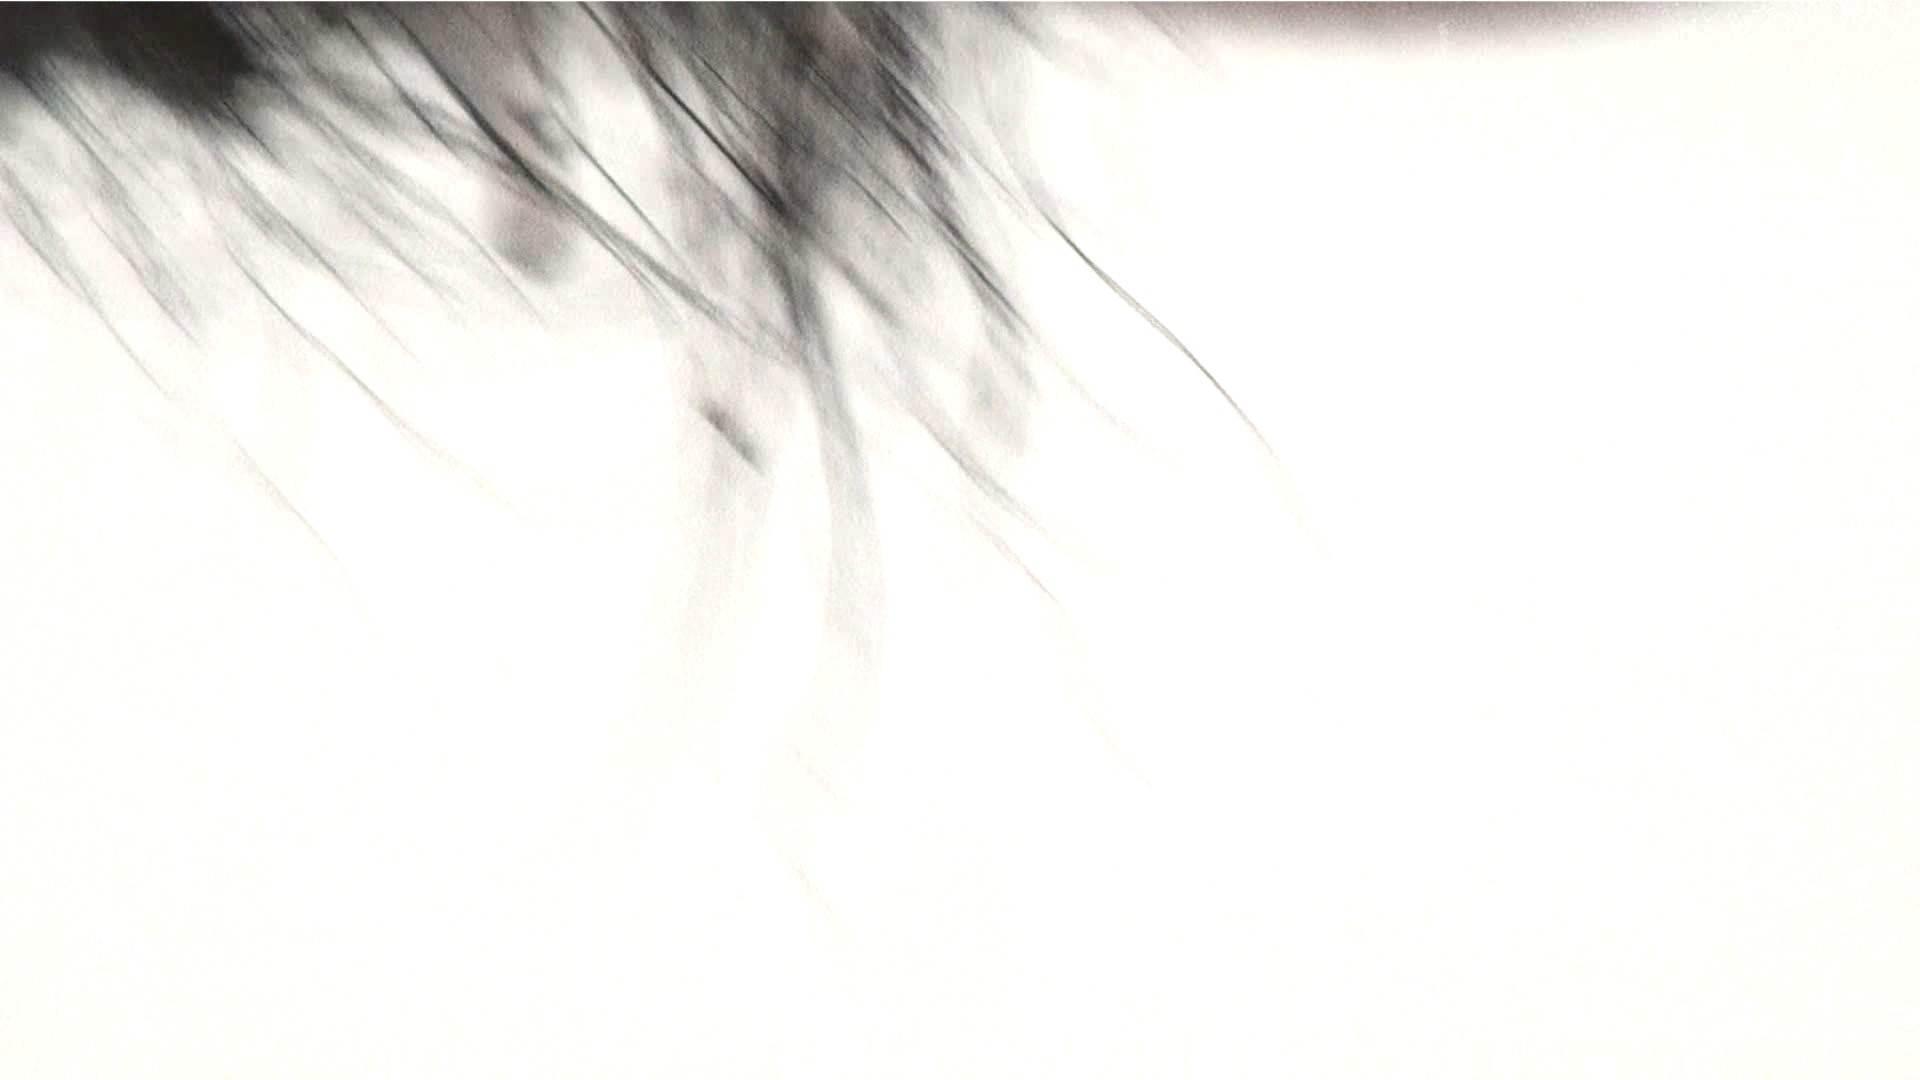 ※100個限定販売 至高下半身盗撮 プレミアム Vol.33 ハイビジョン 下半身 | 女体盗撮  87連発 43